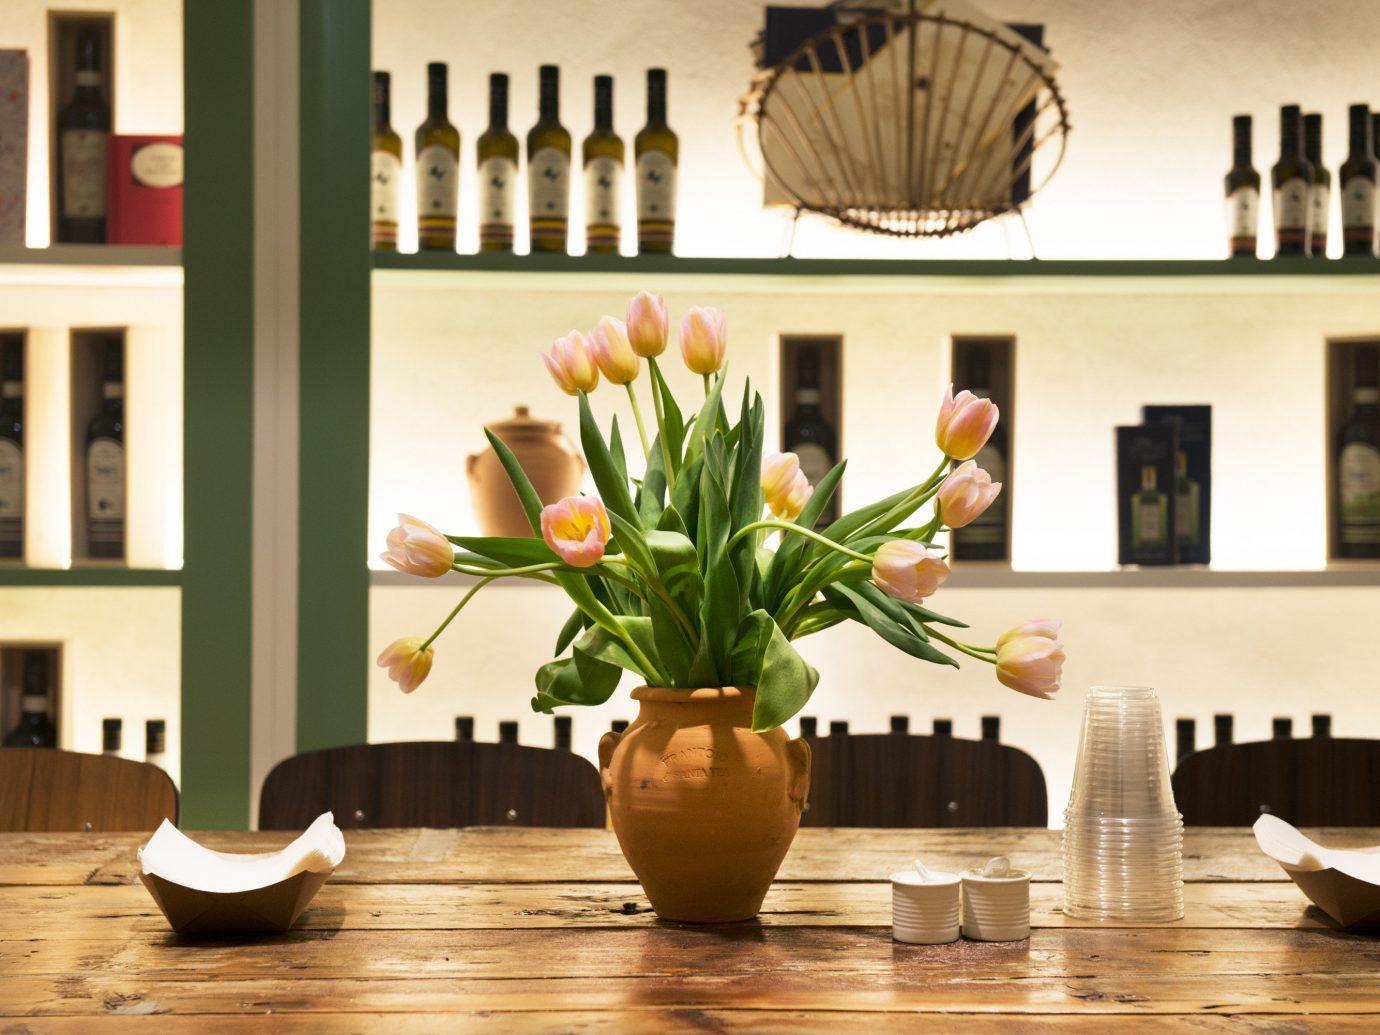 Arts + Culture indoor room dining room floristry flower arranging wall home shelf interior design wood living room Design lighting floral design furniture flower table modern art several